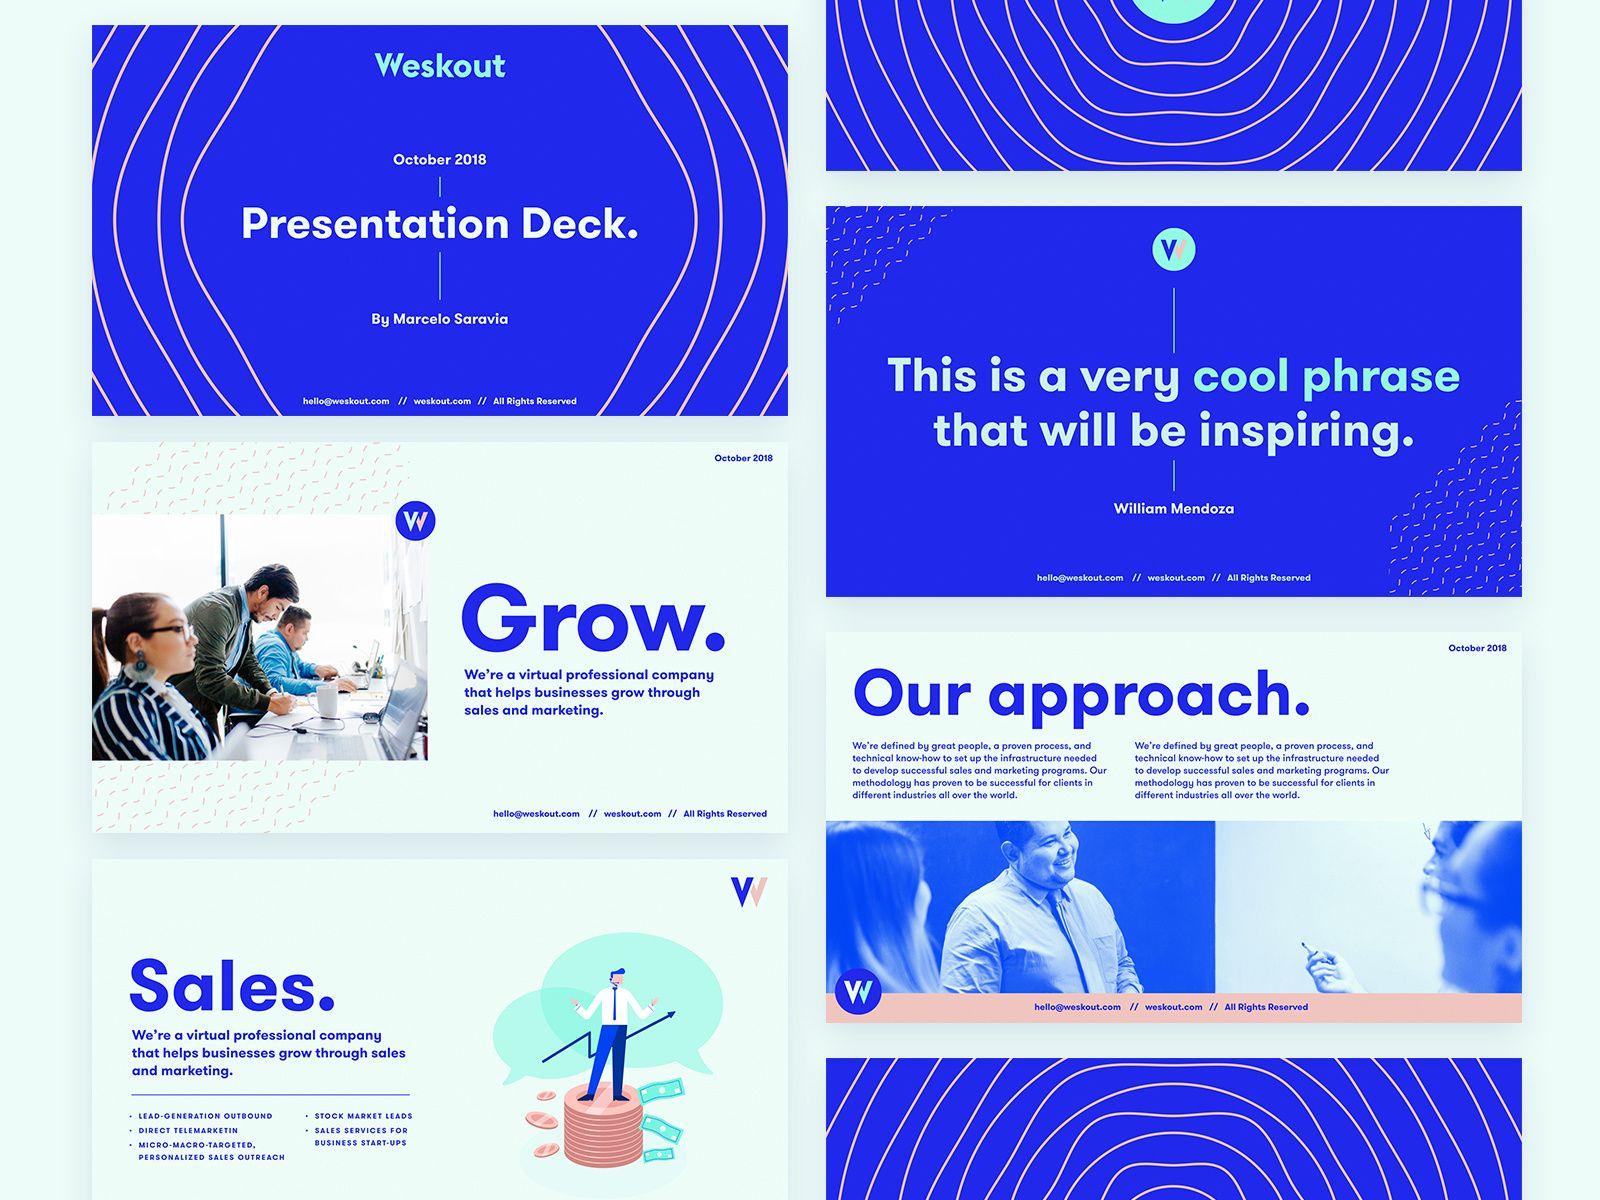 Weskout Pitch Deck Presentation Deck Workbook Design Presentation Design Layout